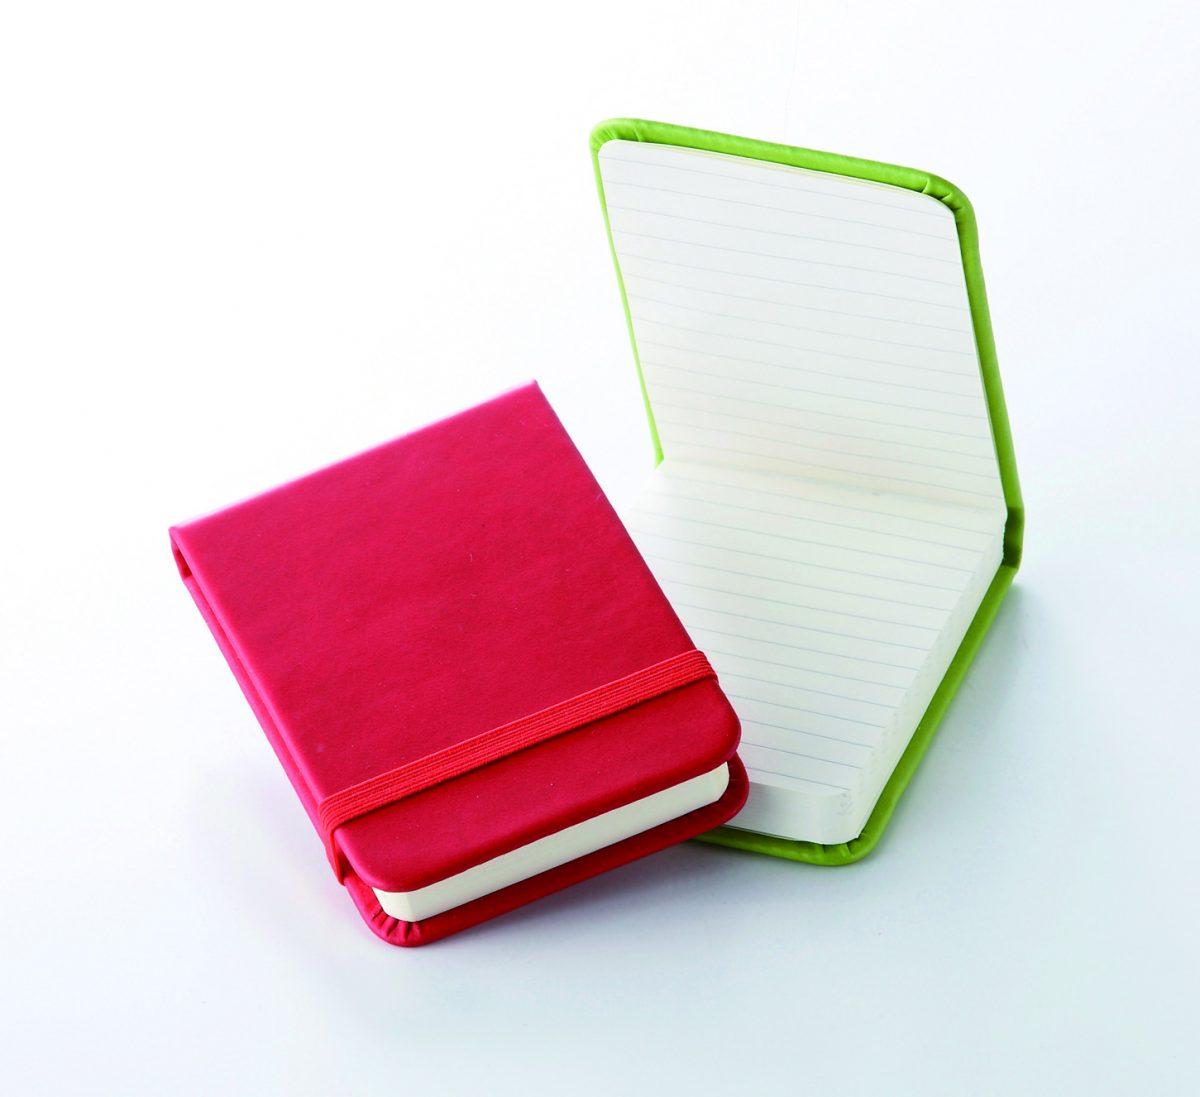 セルトナ・ハードカバーメモ帳 ピンク